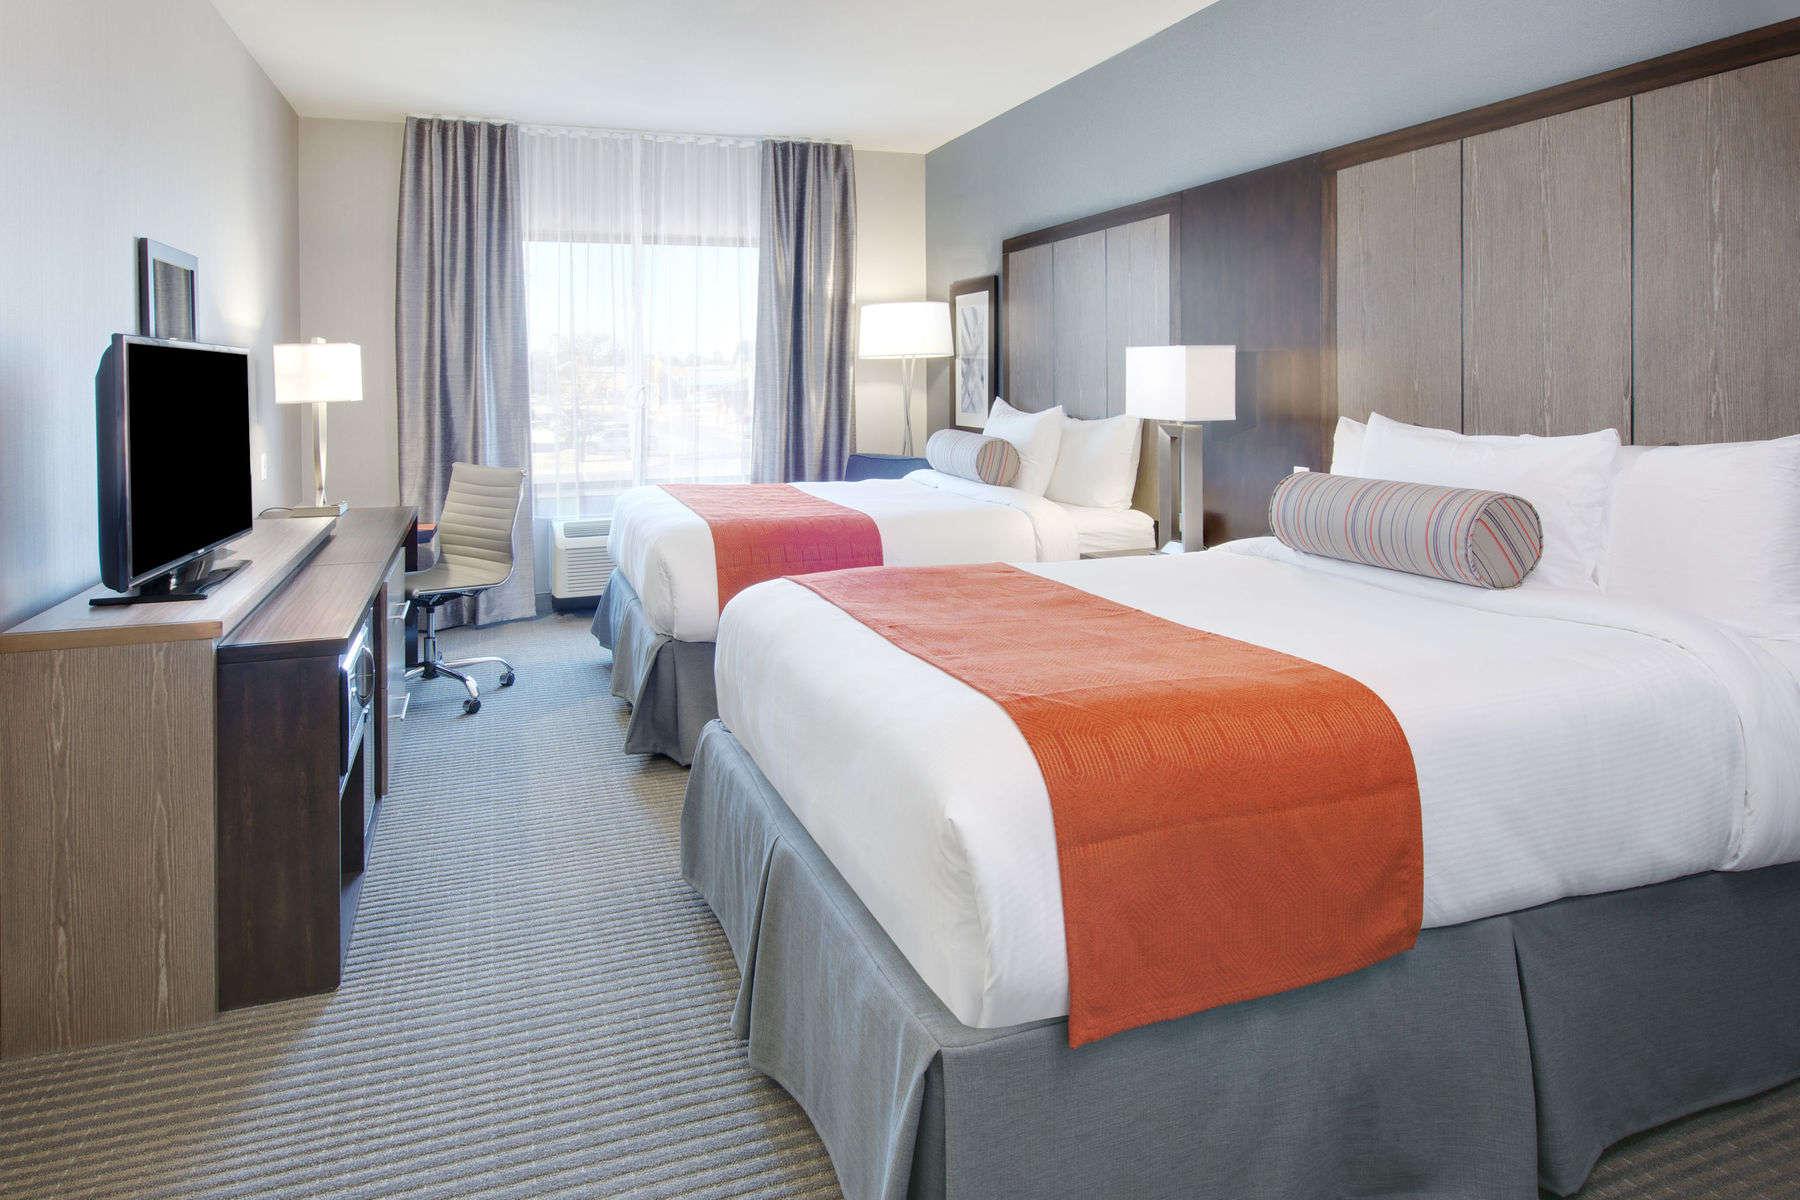 47330_guest_room_9.jpg